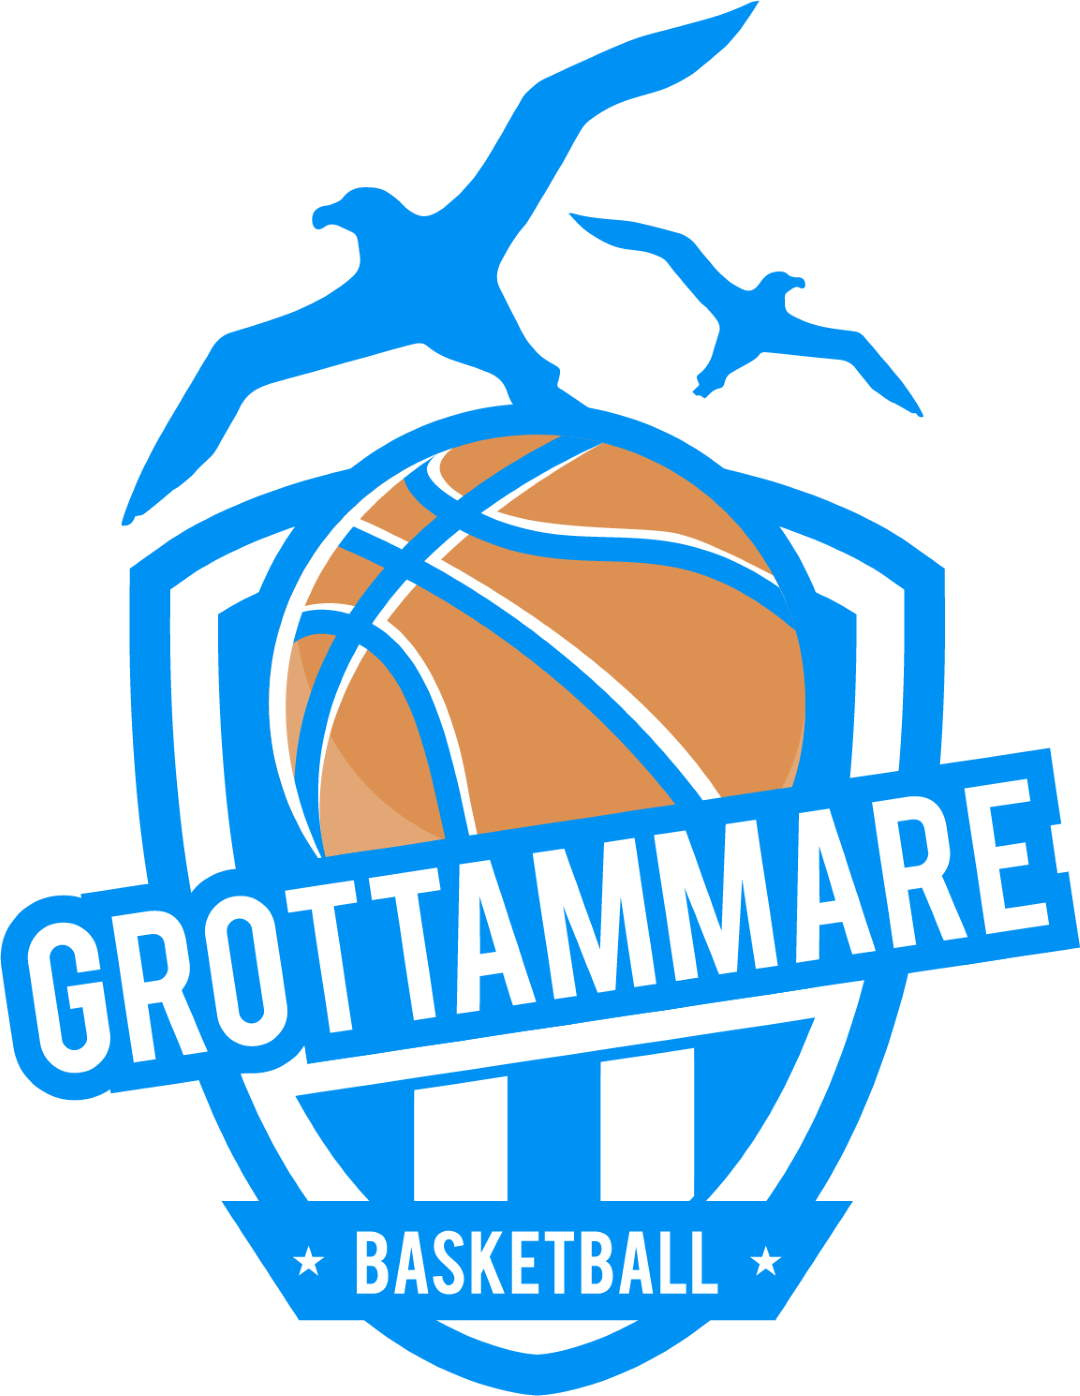 PallaCanestro, Civitabasket 2017 – Grottammare Basketball69 – 65